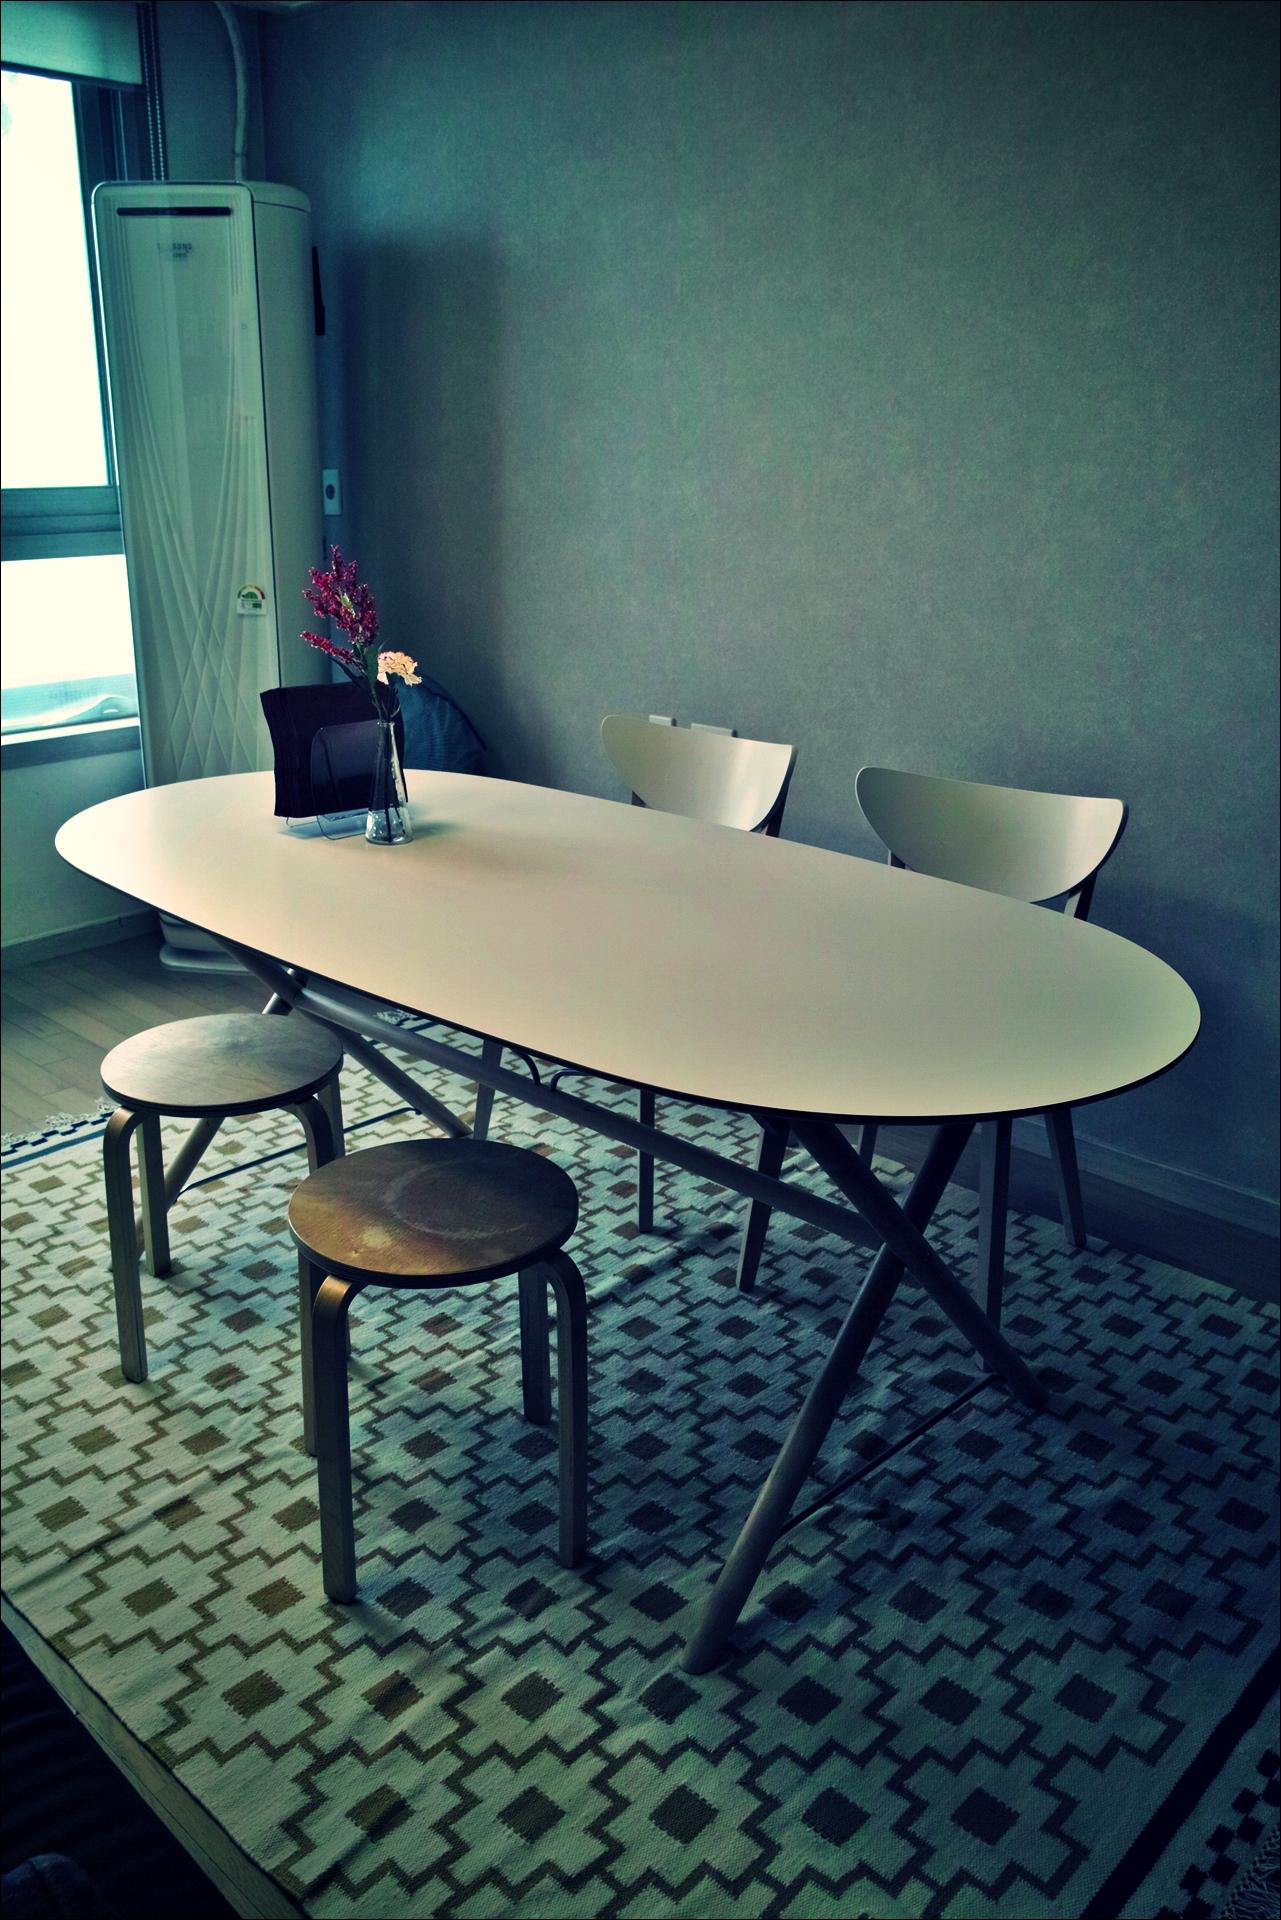 식탁 -'이케아 가구 조립 노하우. How to assemble ikea furnitures'